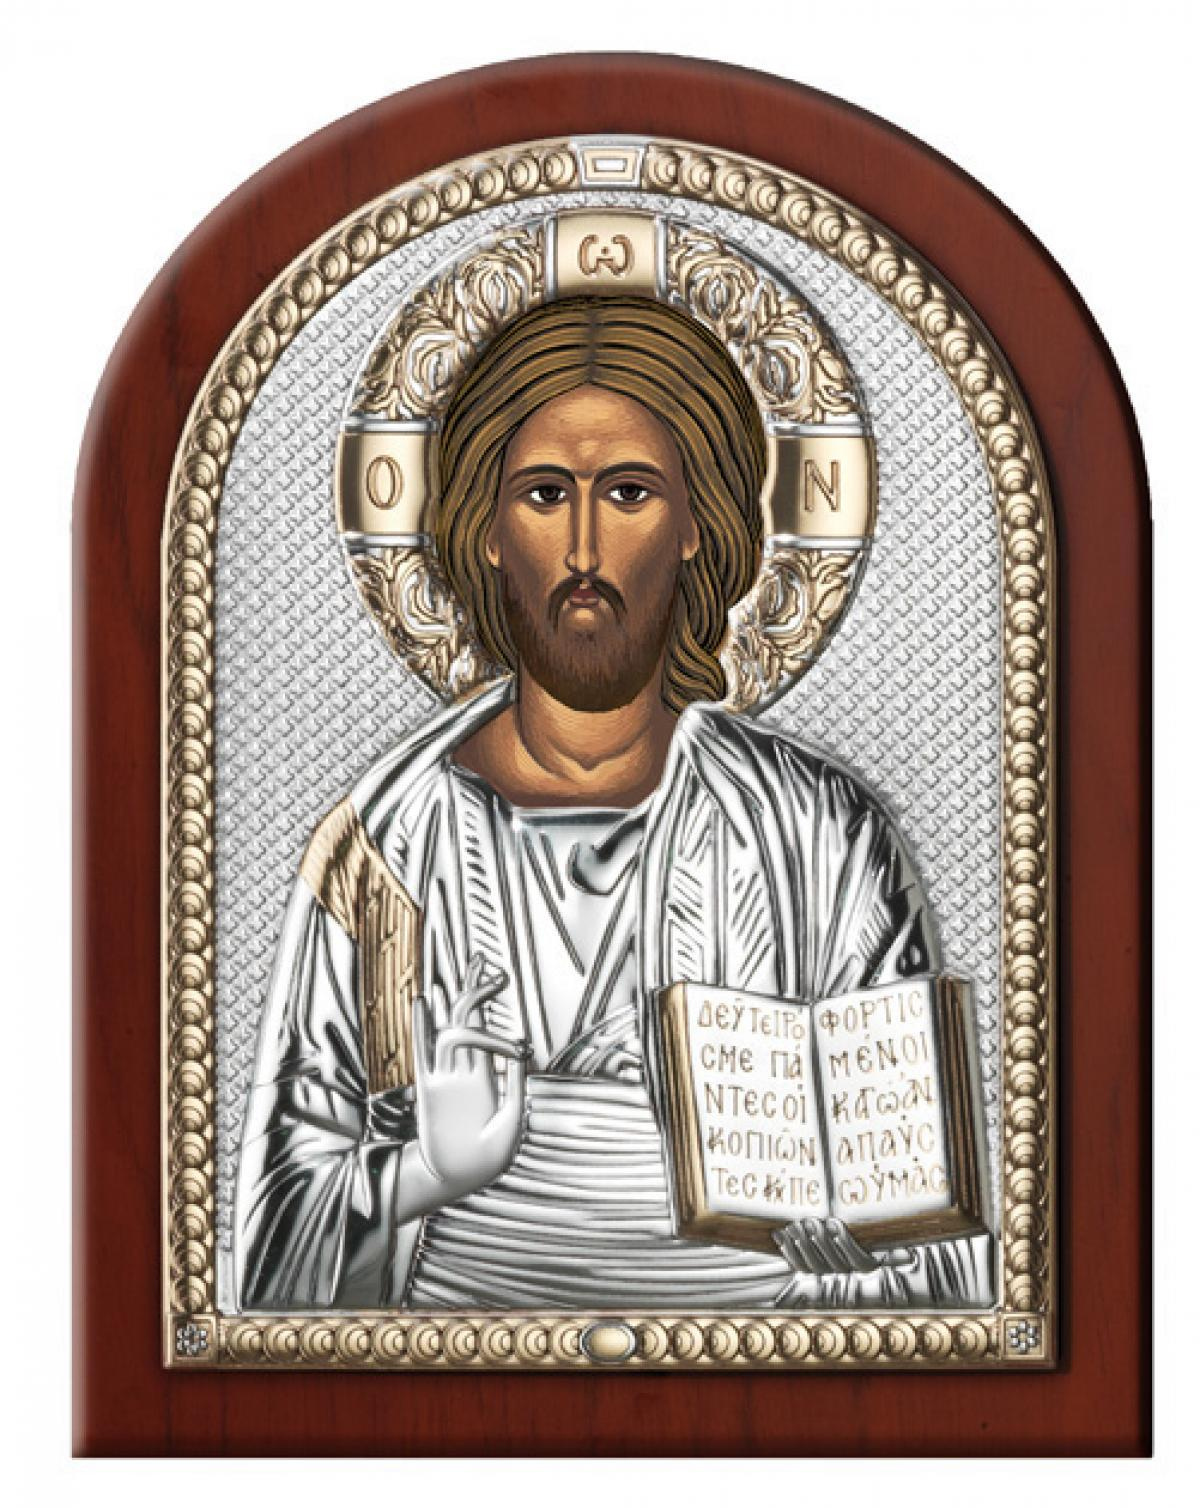 Ікона срібна Ісус Христос (15х20см)  84000.4L.ORO